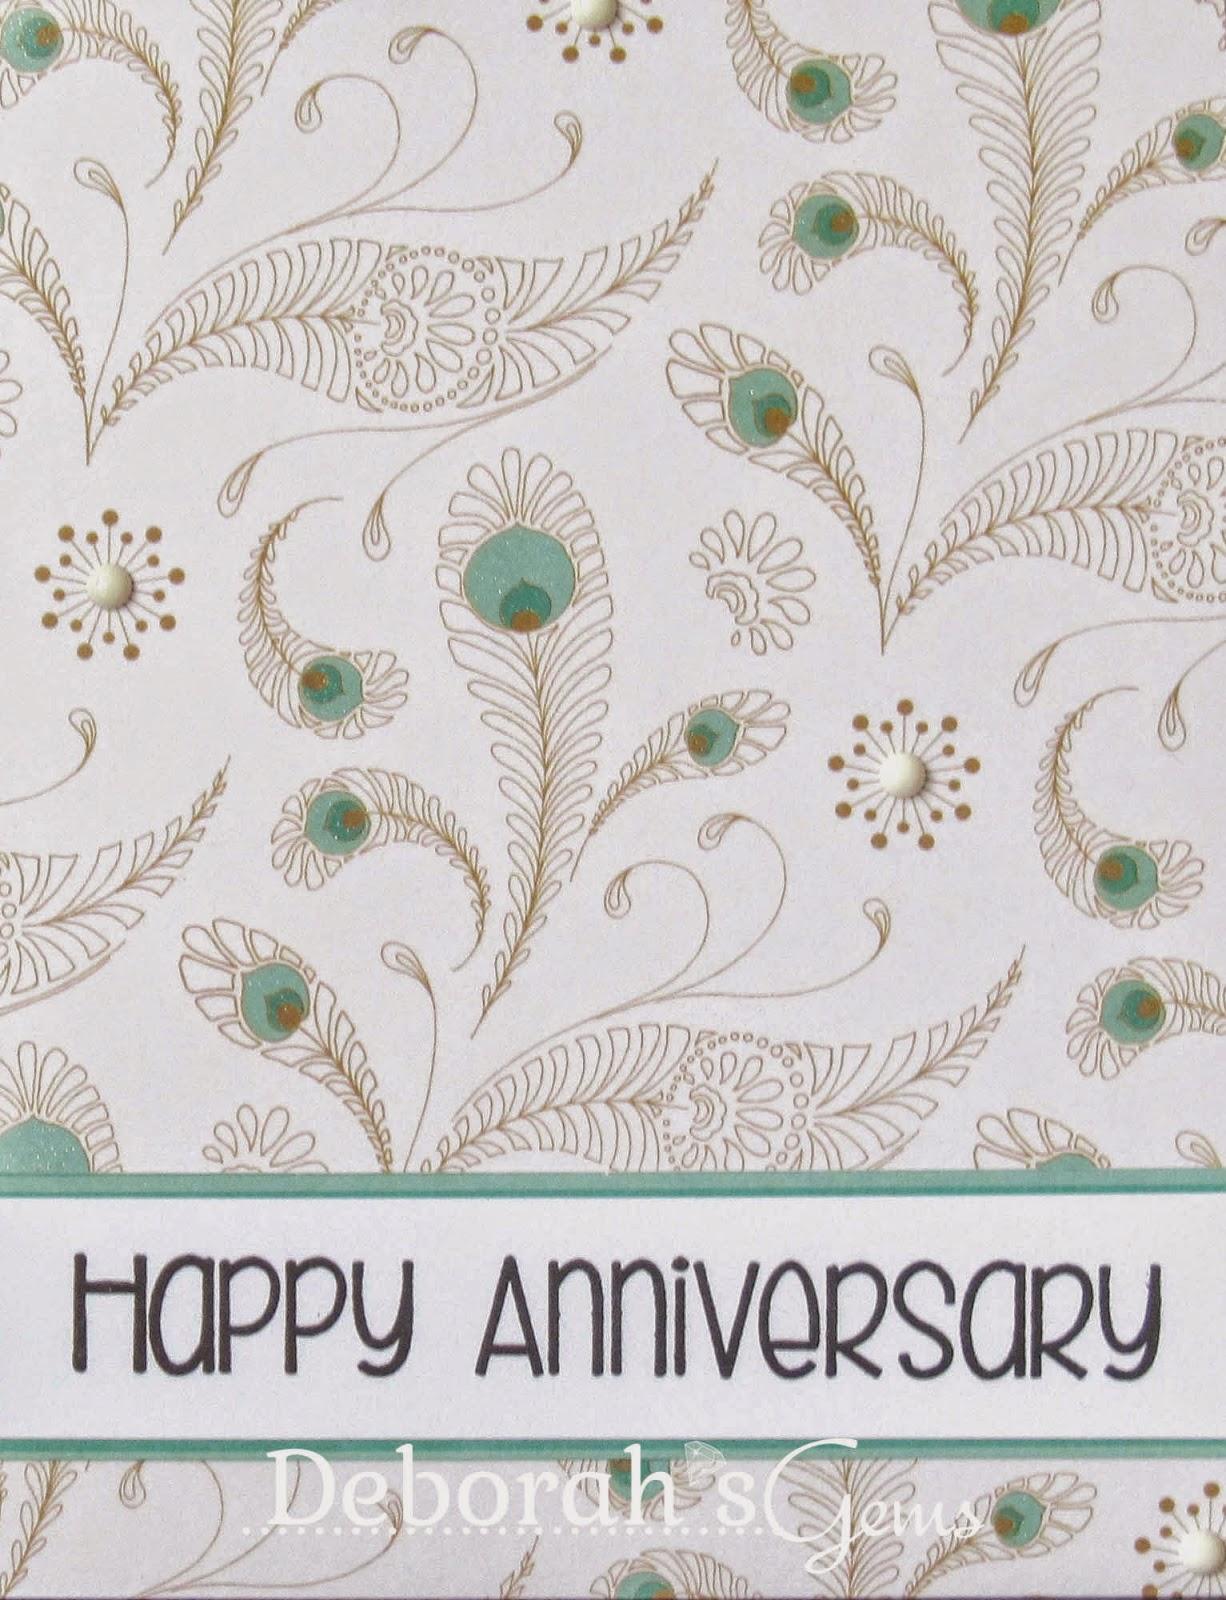 Happy Anniversary - photo by Deborah Frings - Deborah's Gems